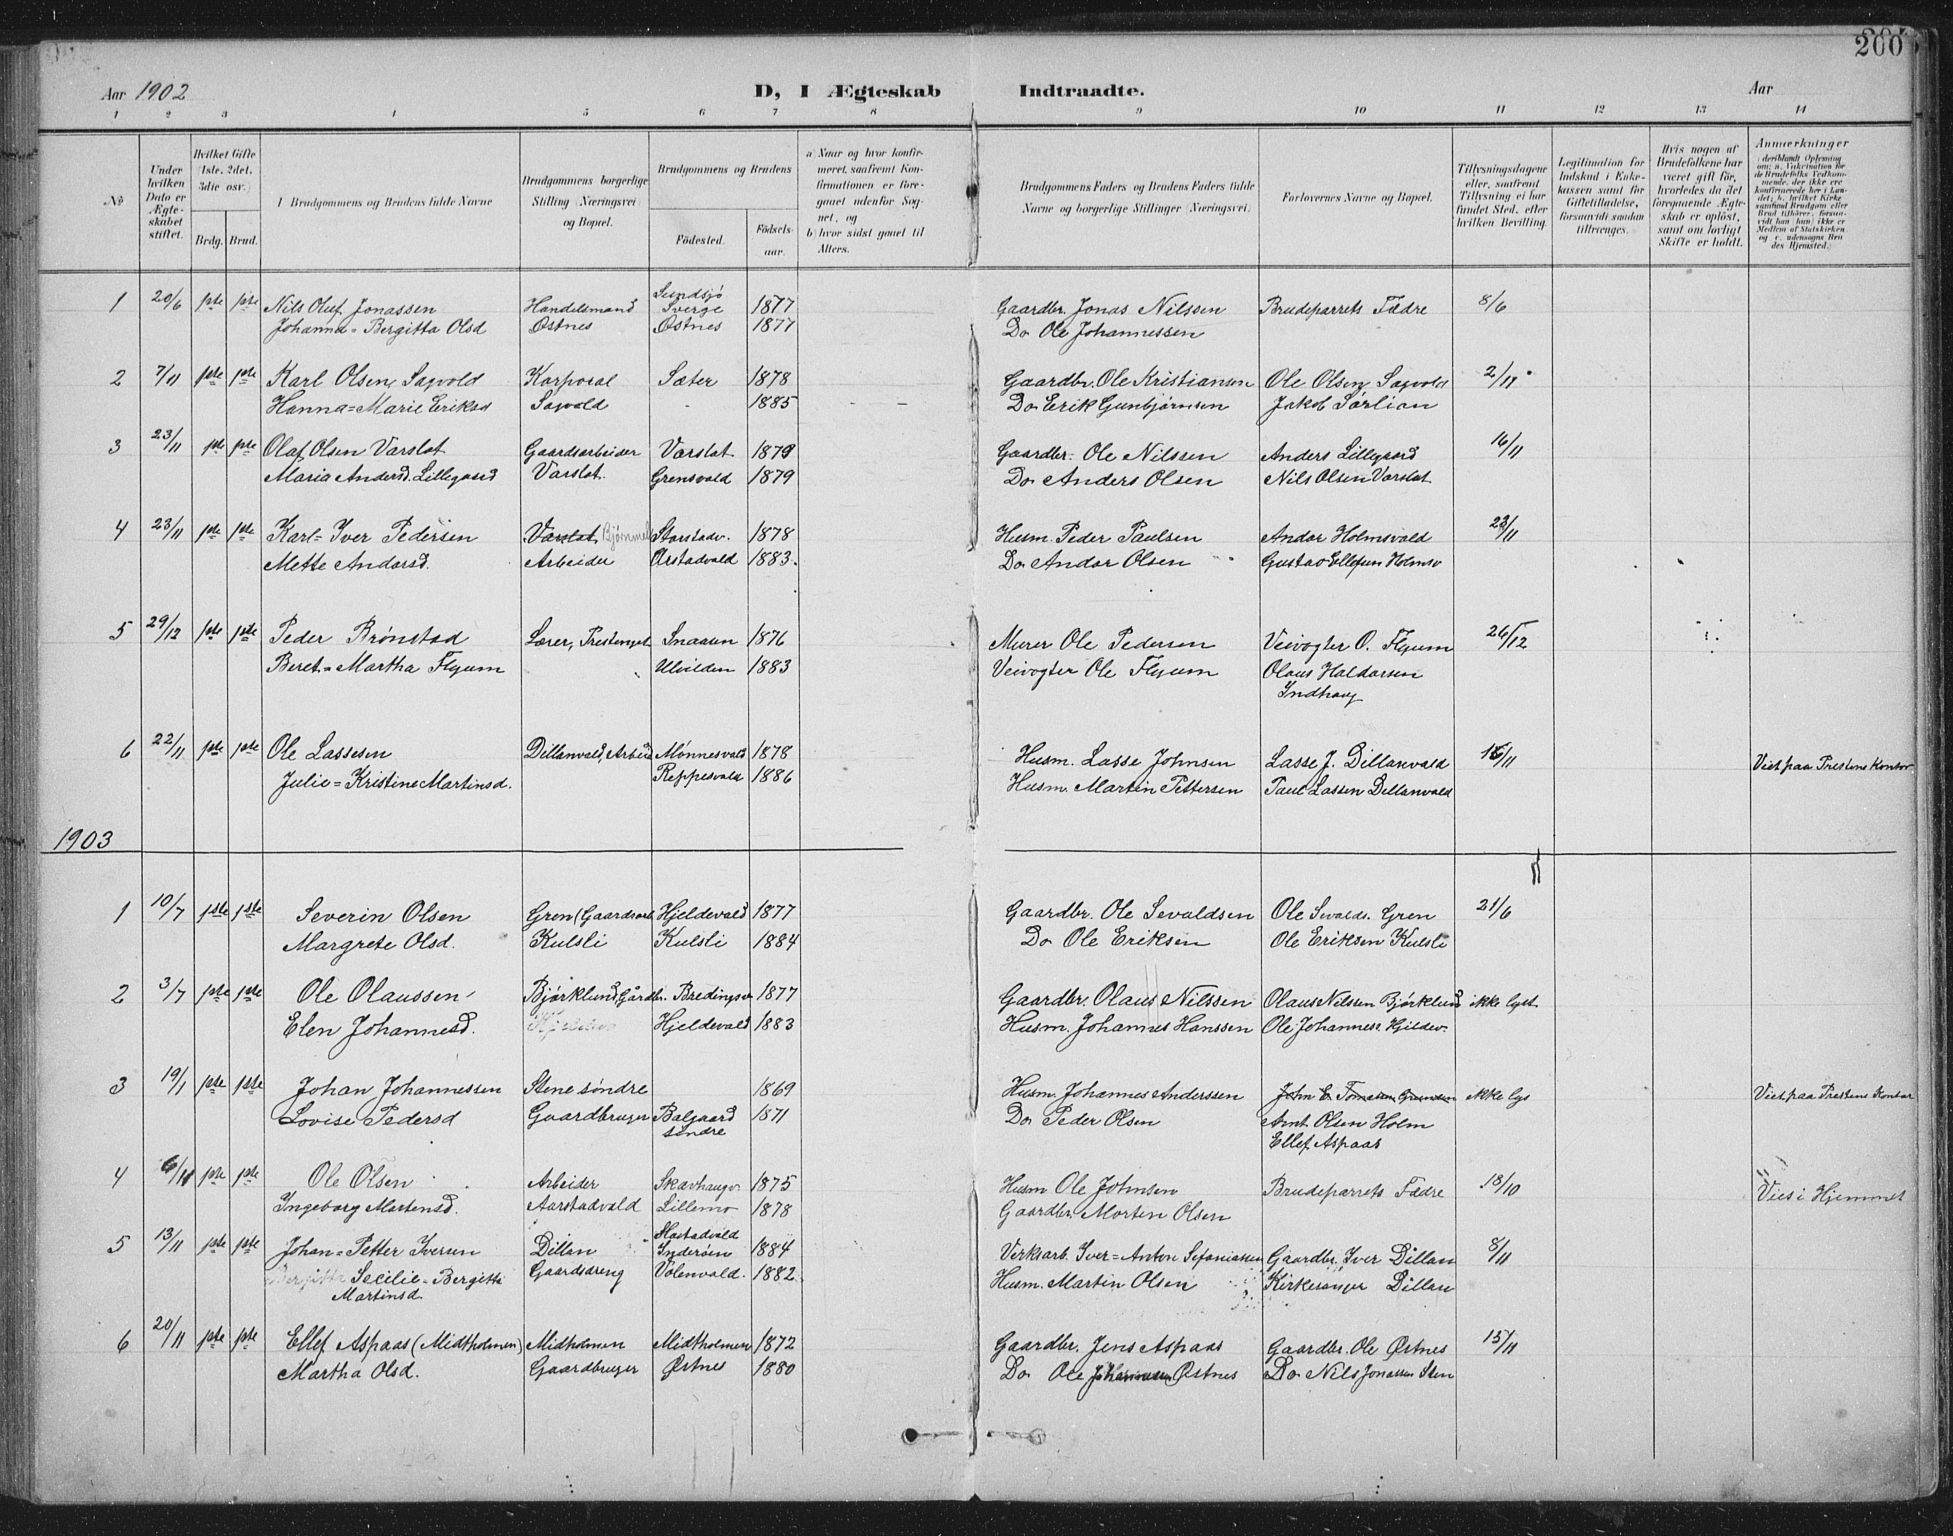 SAT, Ministerialprotokoller, klokkerbøker og fødselsregistre - Nord-Trøndelag, 724/L0269: Klokkerbok nr. 724C05, 1899-1920, s. 200